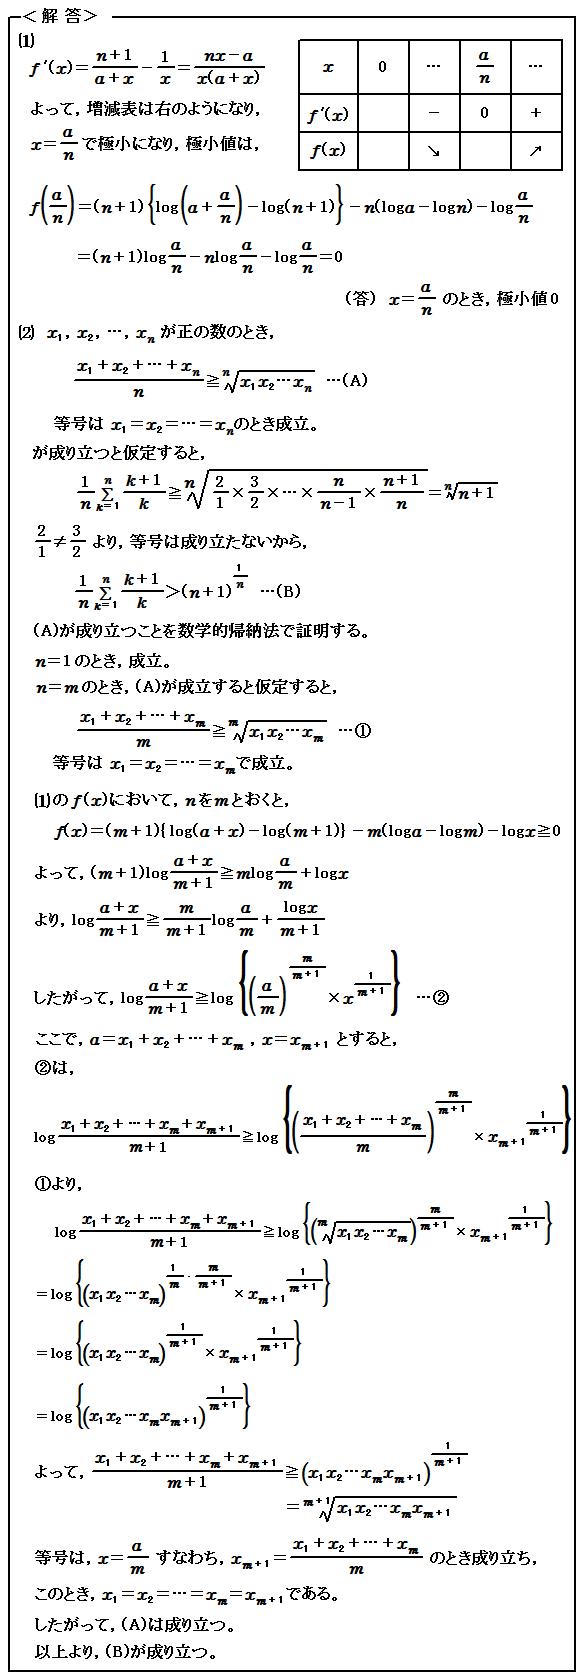 2014 東北大学理系 第6問 相加・相乗平均 解答